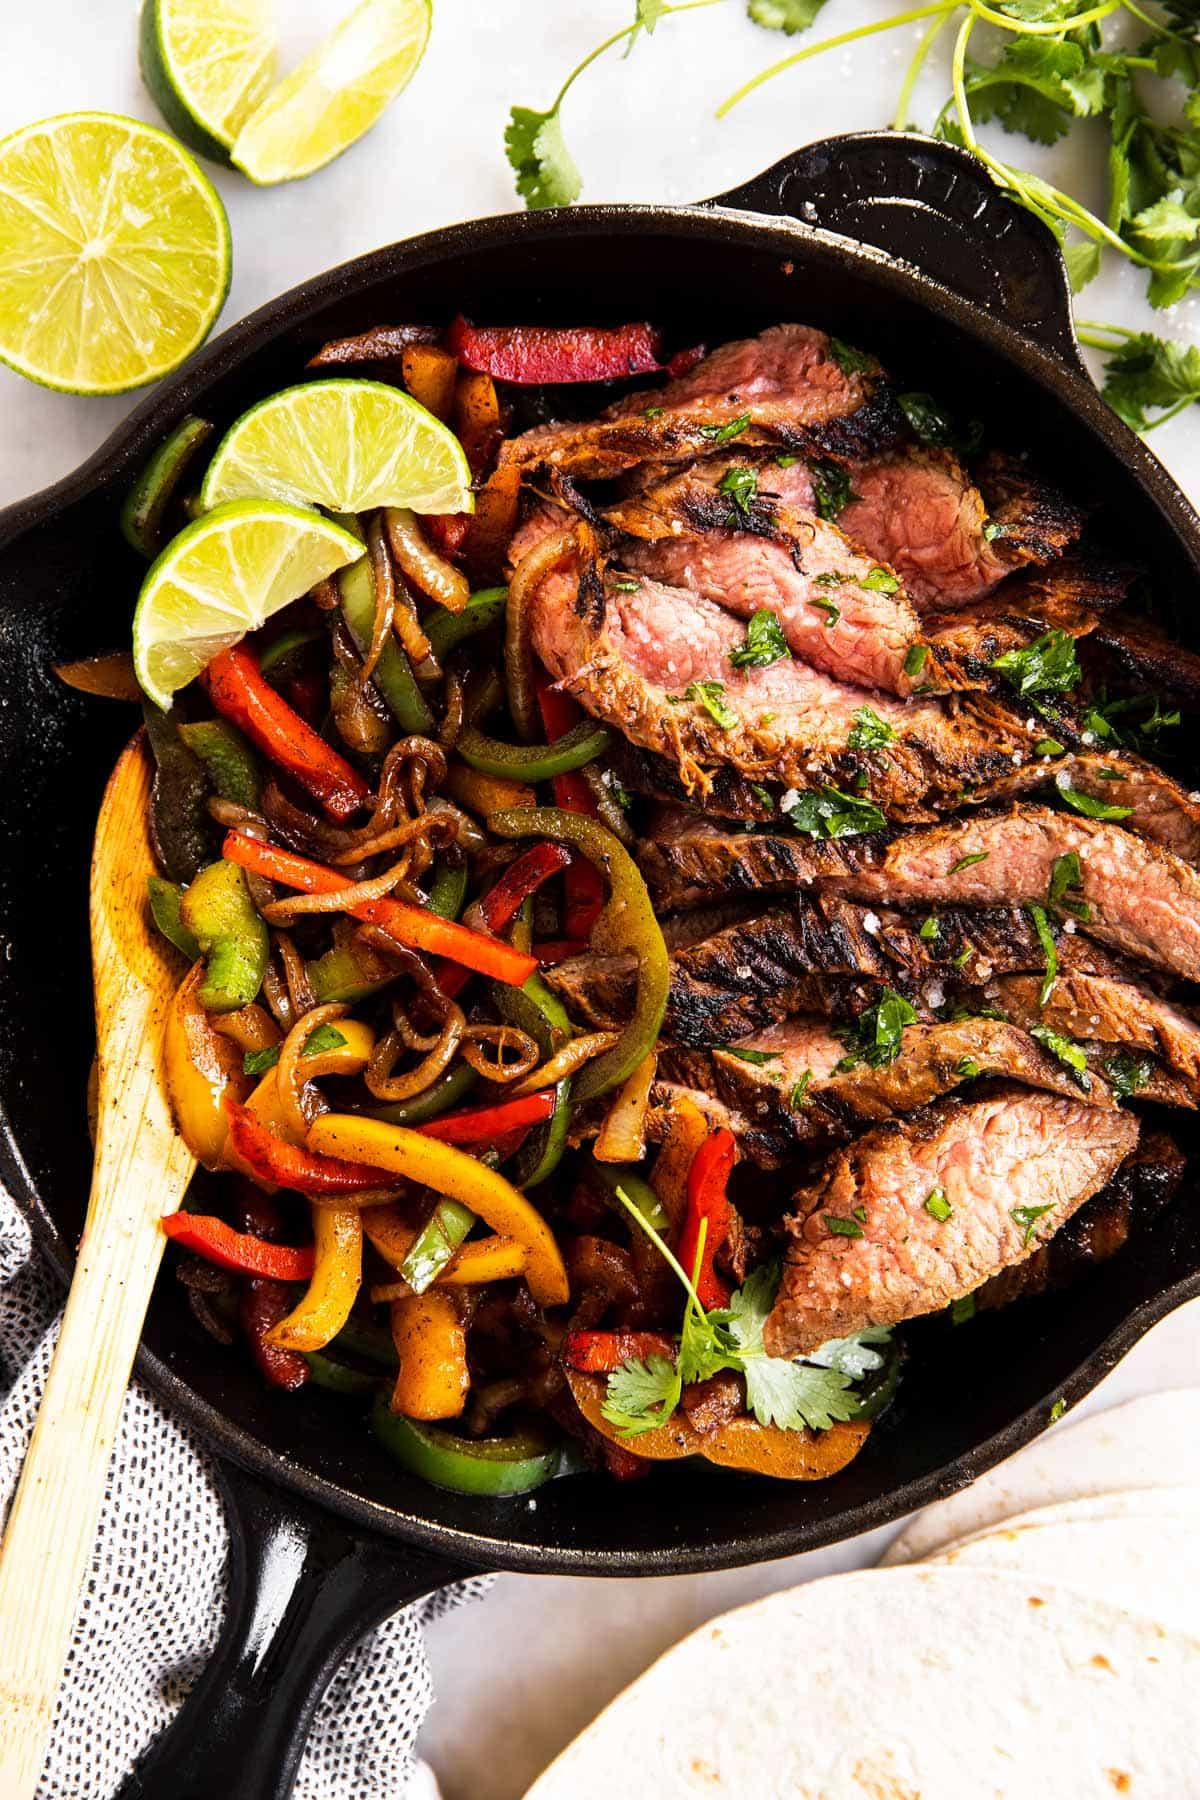 black cast iron skillet with steak fajita filling